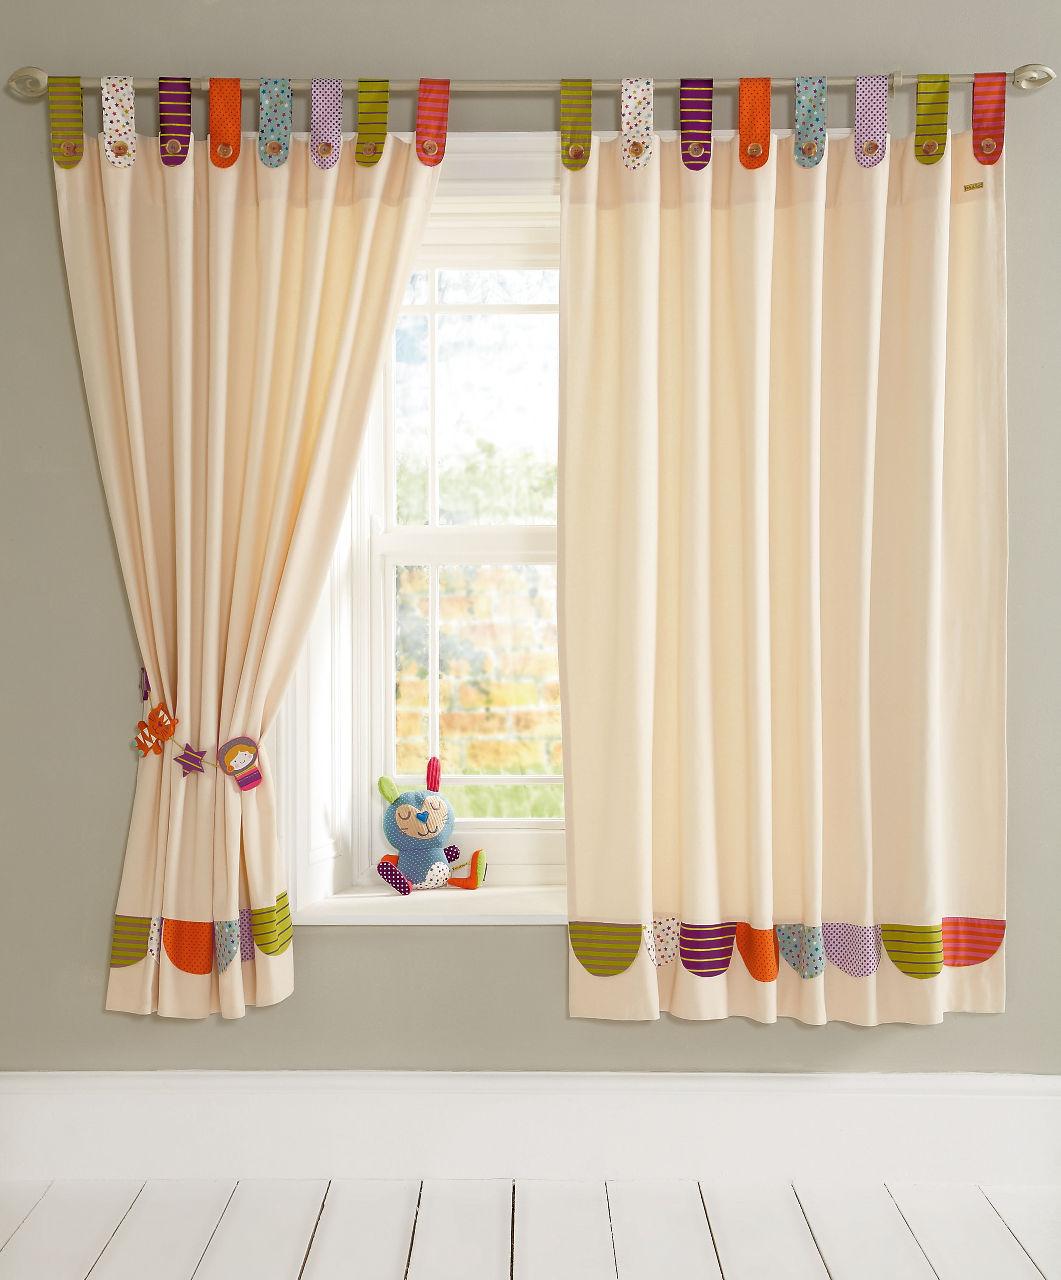 Дизайн штор для детской комнаты разноцветный